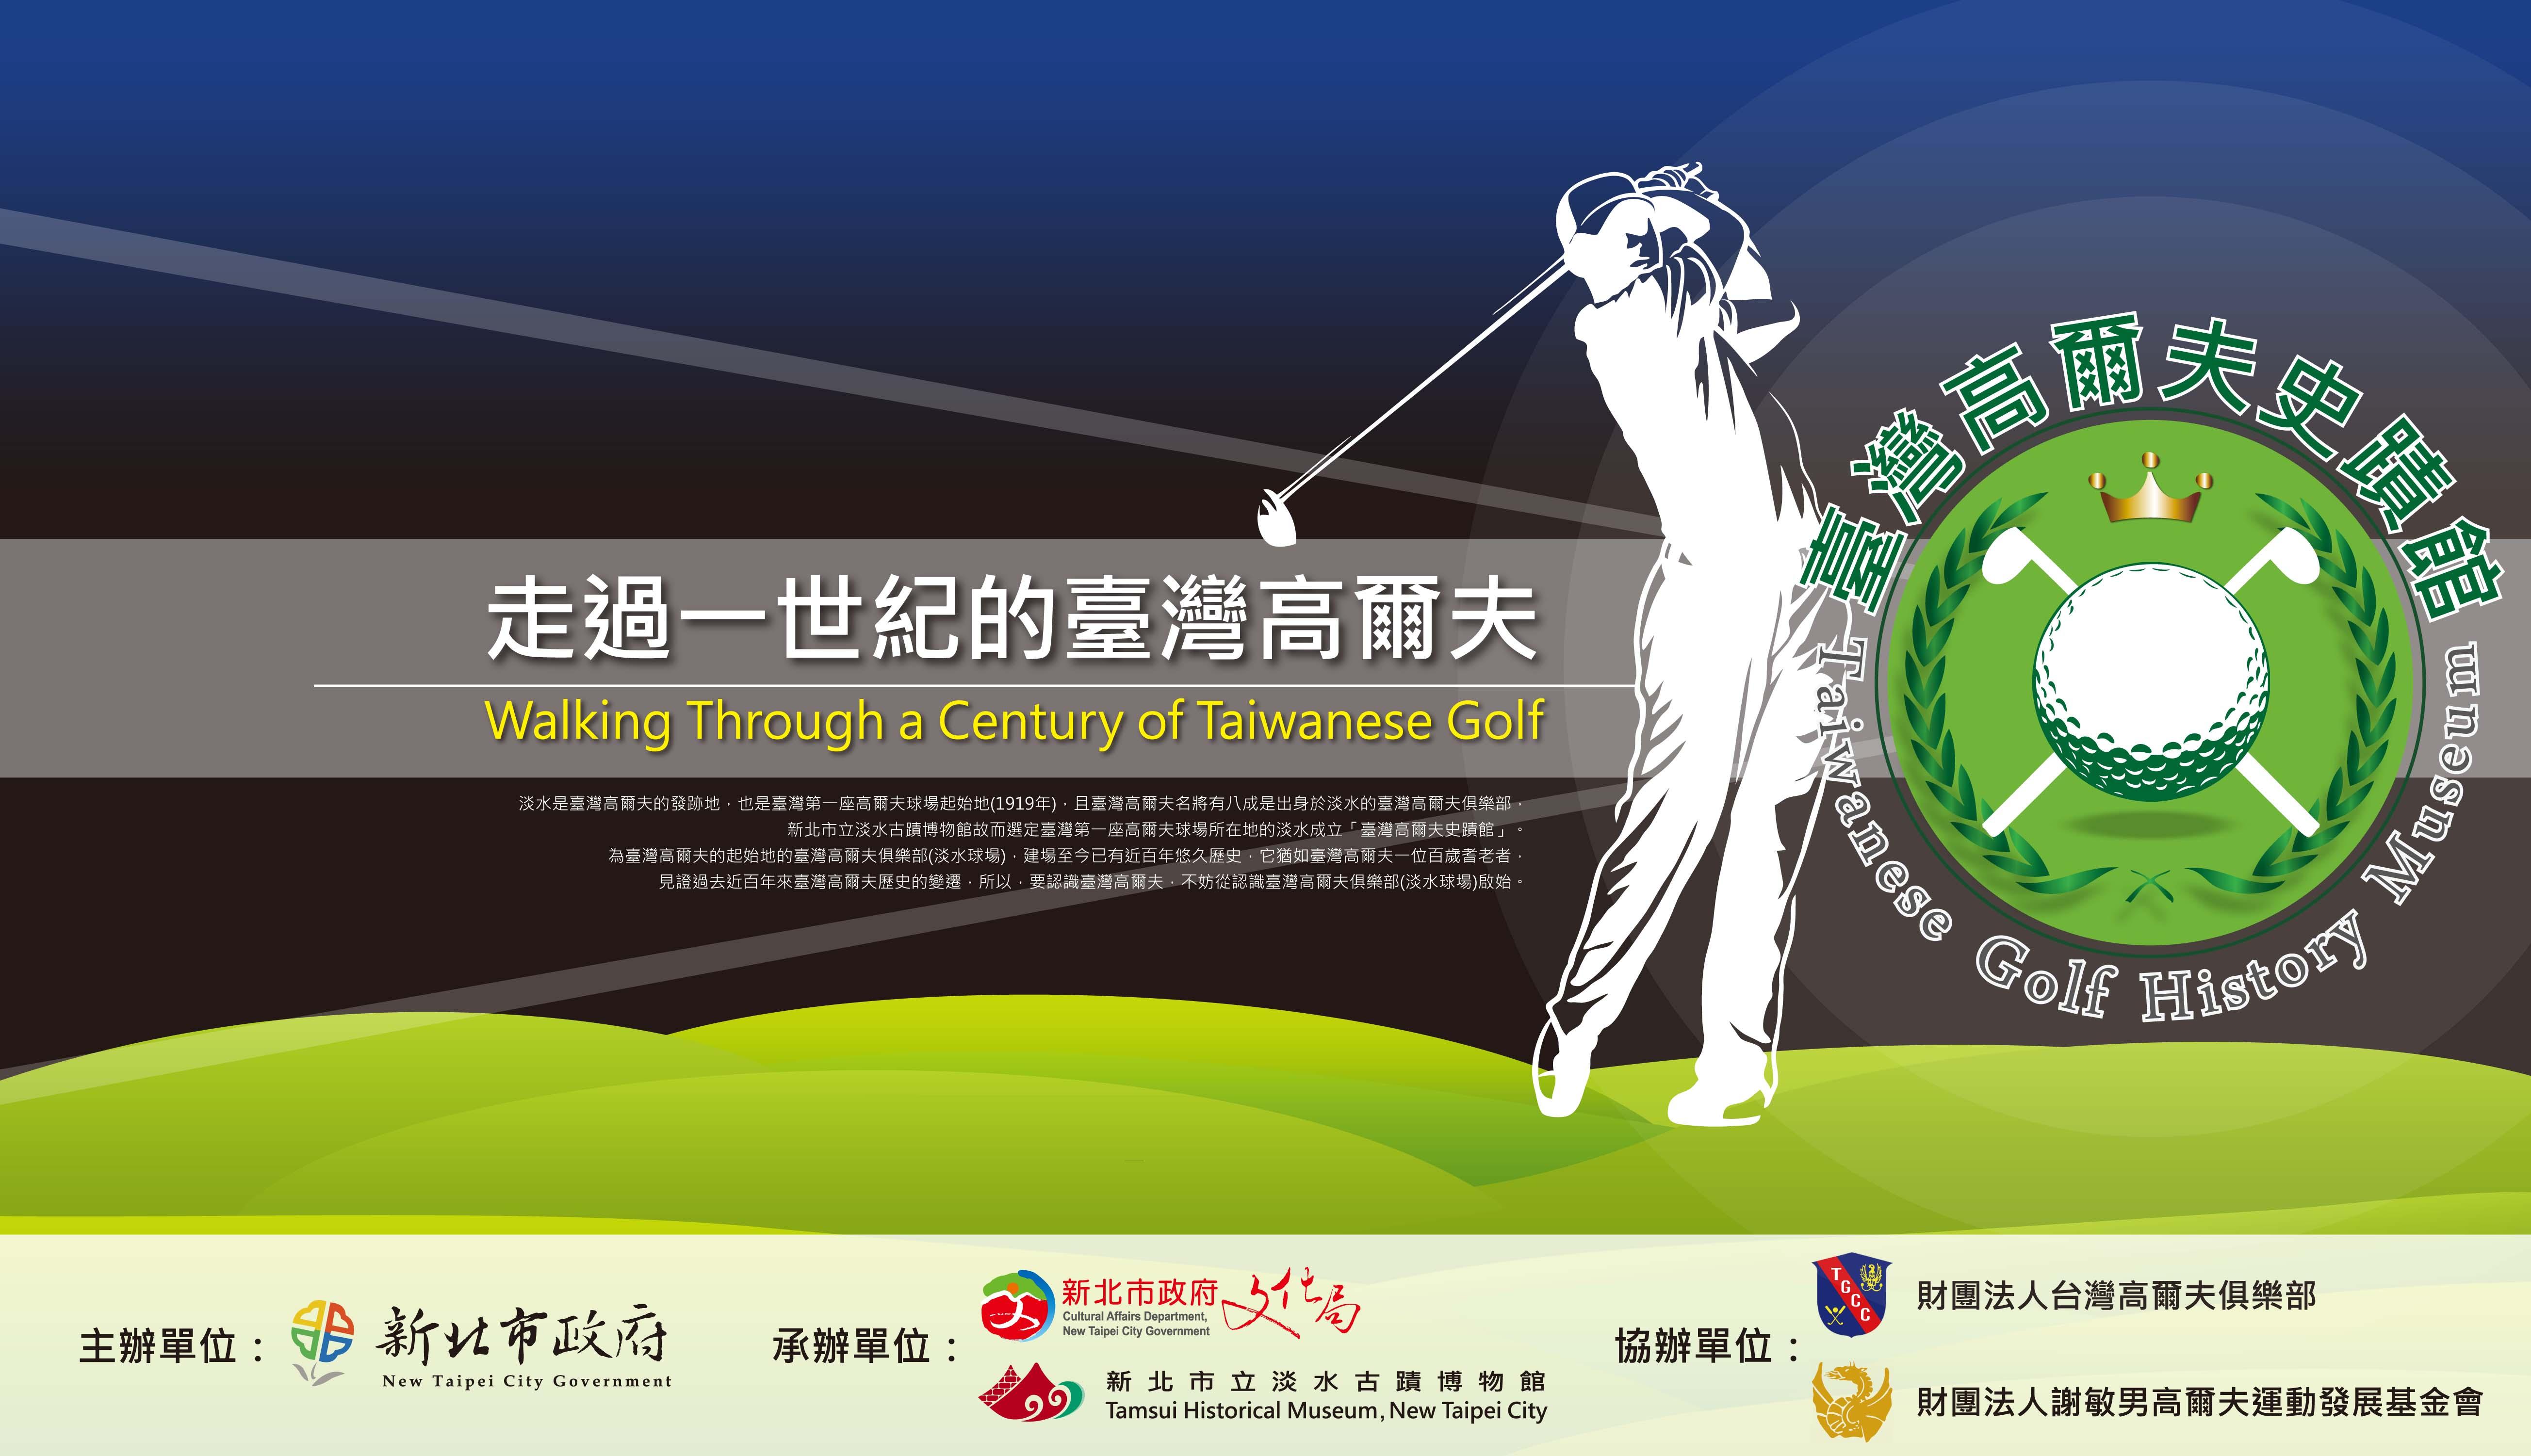 【走過一世紀的臺灣高爾夫─臺灣高爾夫史蹟館】